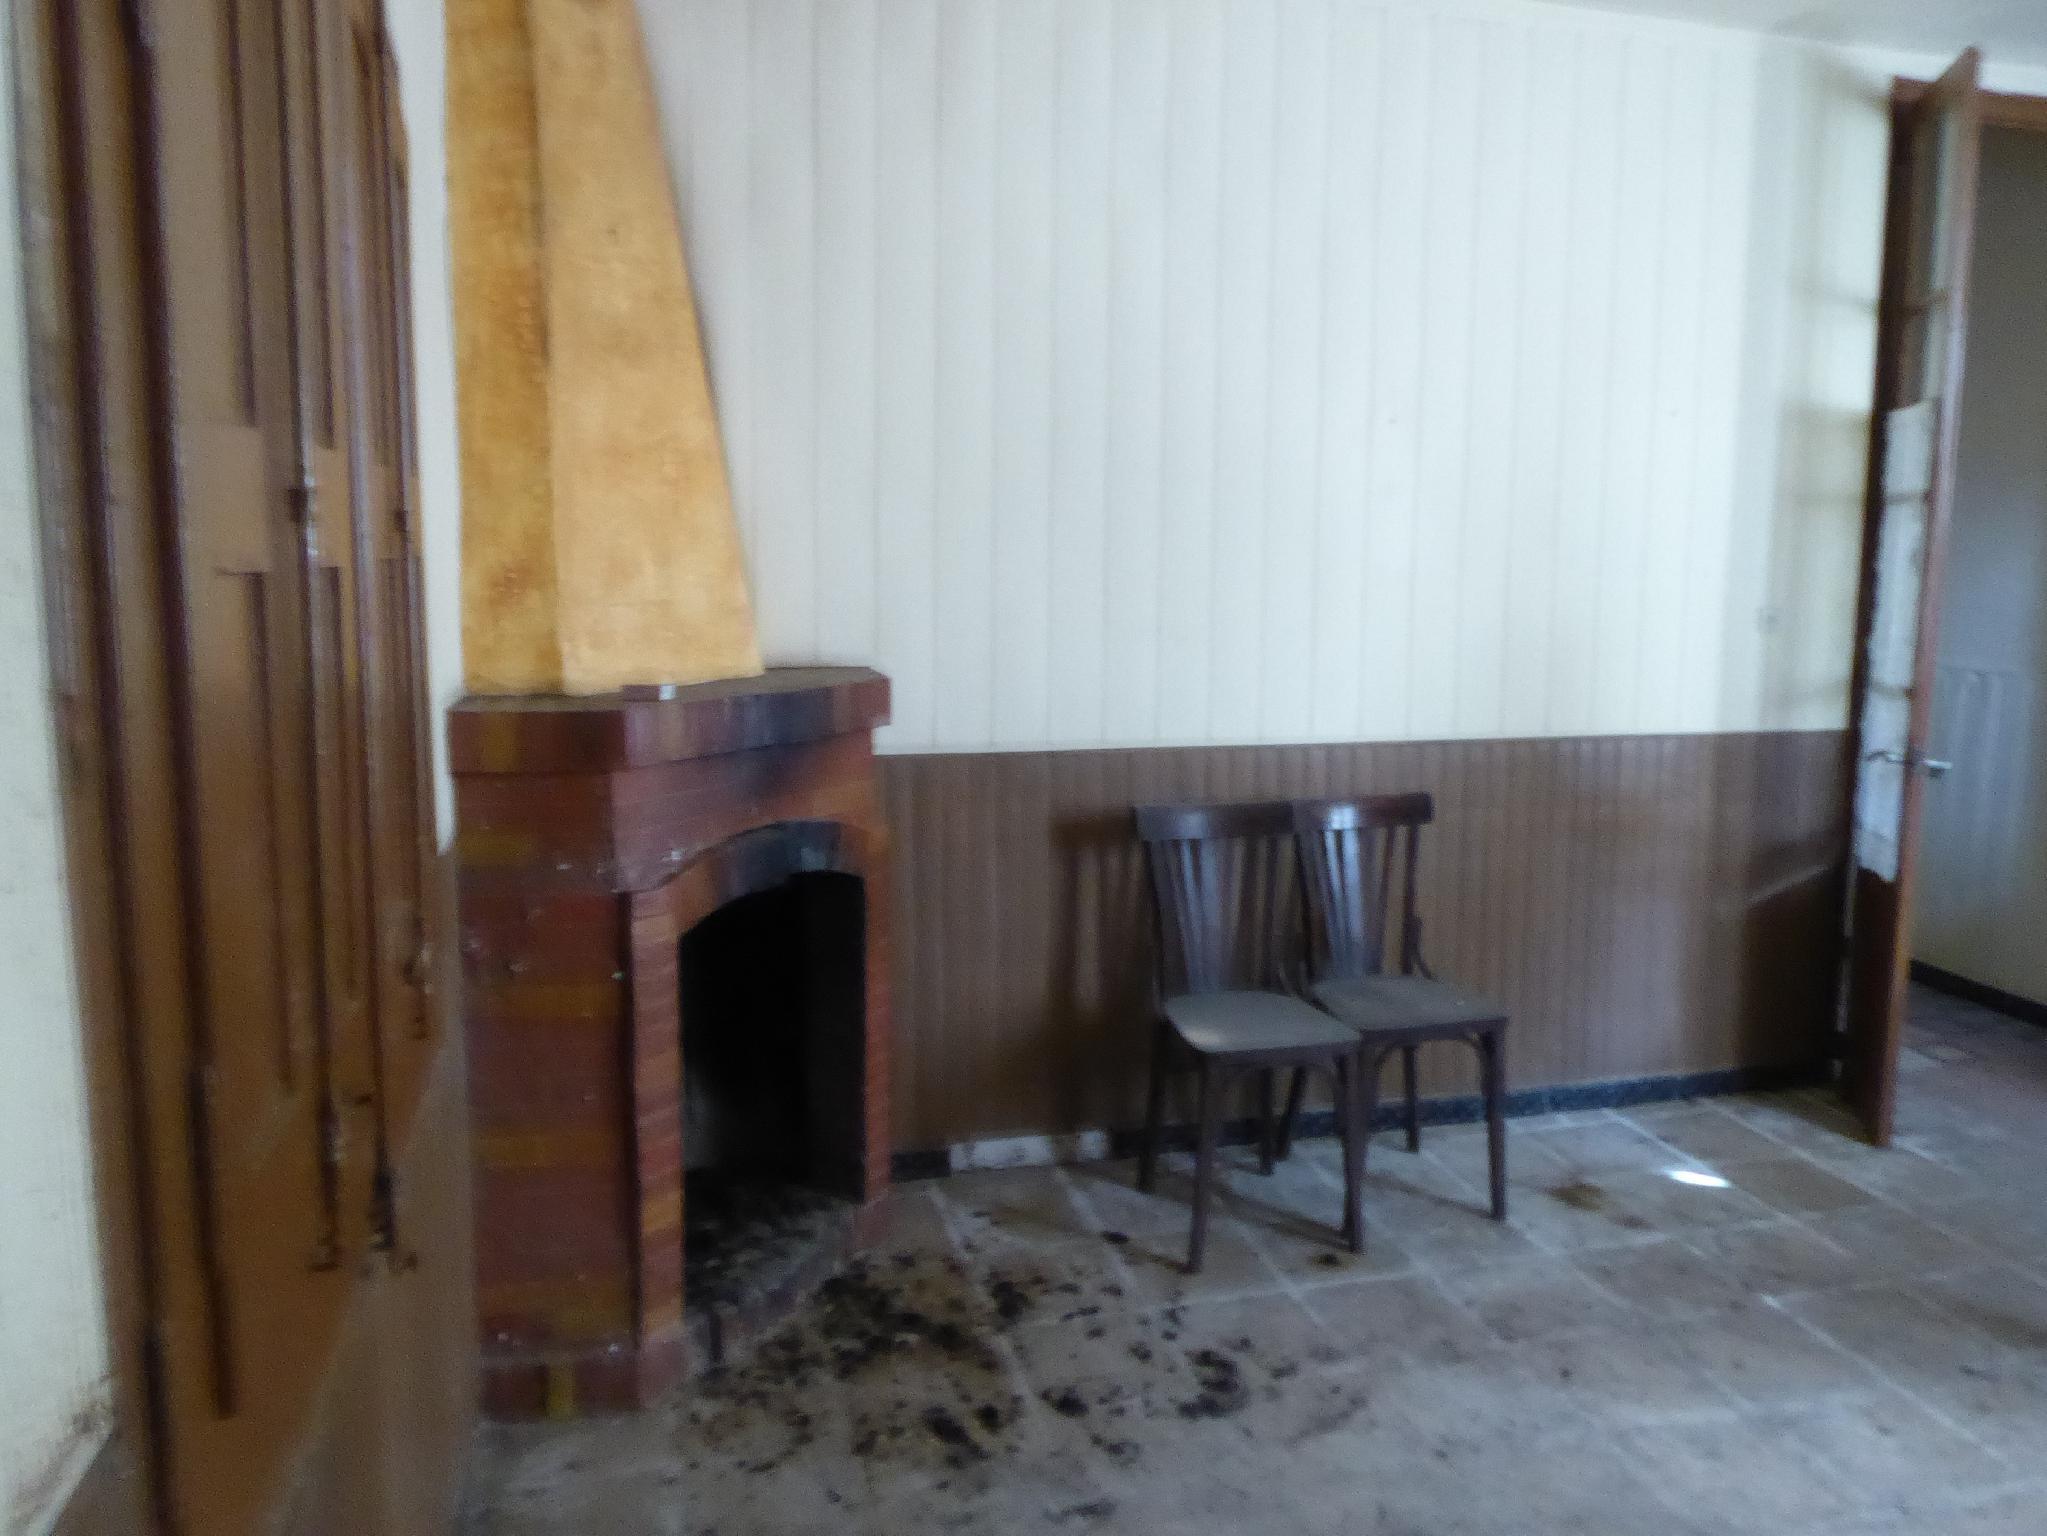 145876 - Sant Antoni de Vilamajor-Centro-Inversión-Ocasión